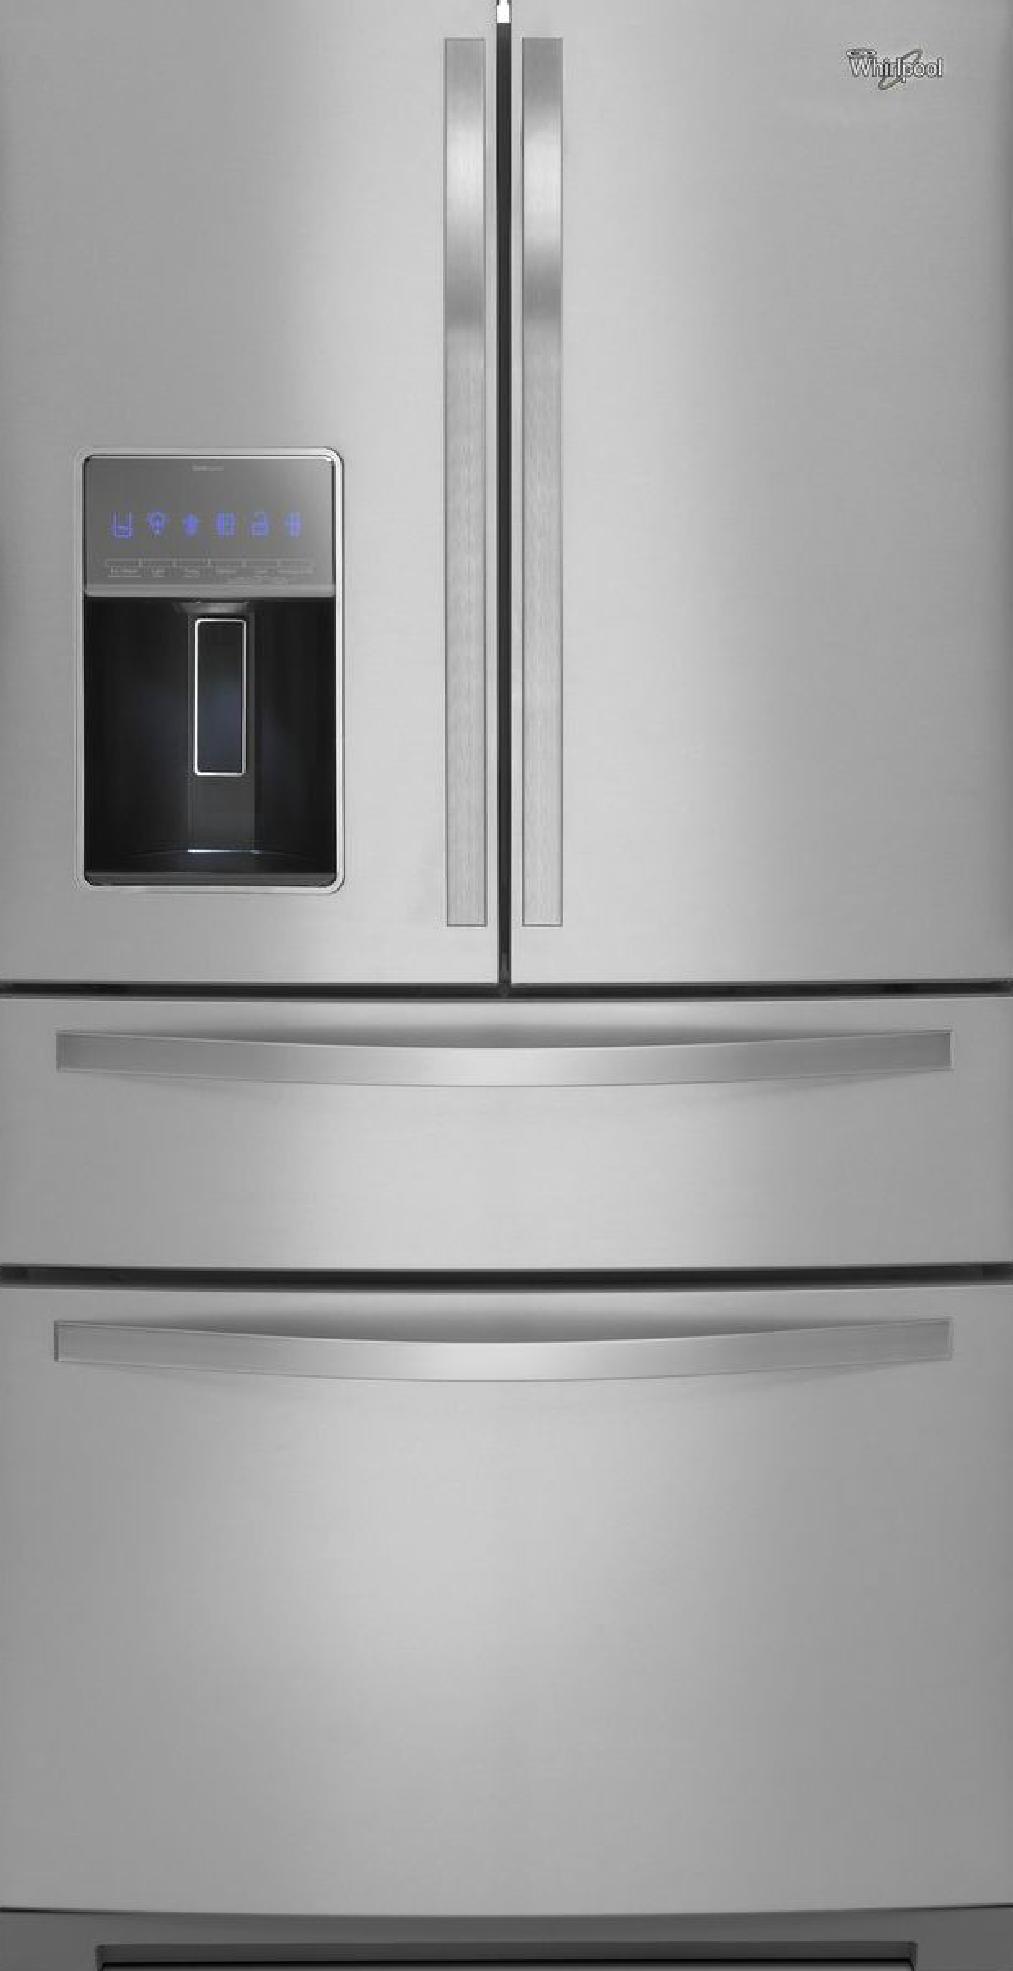 fridge-03